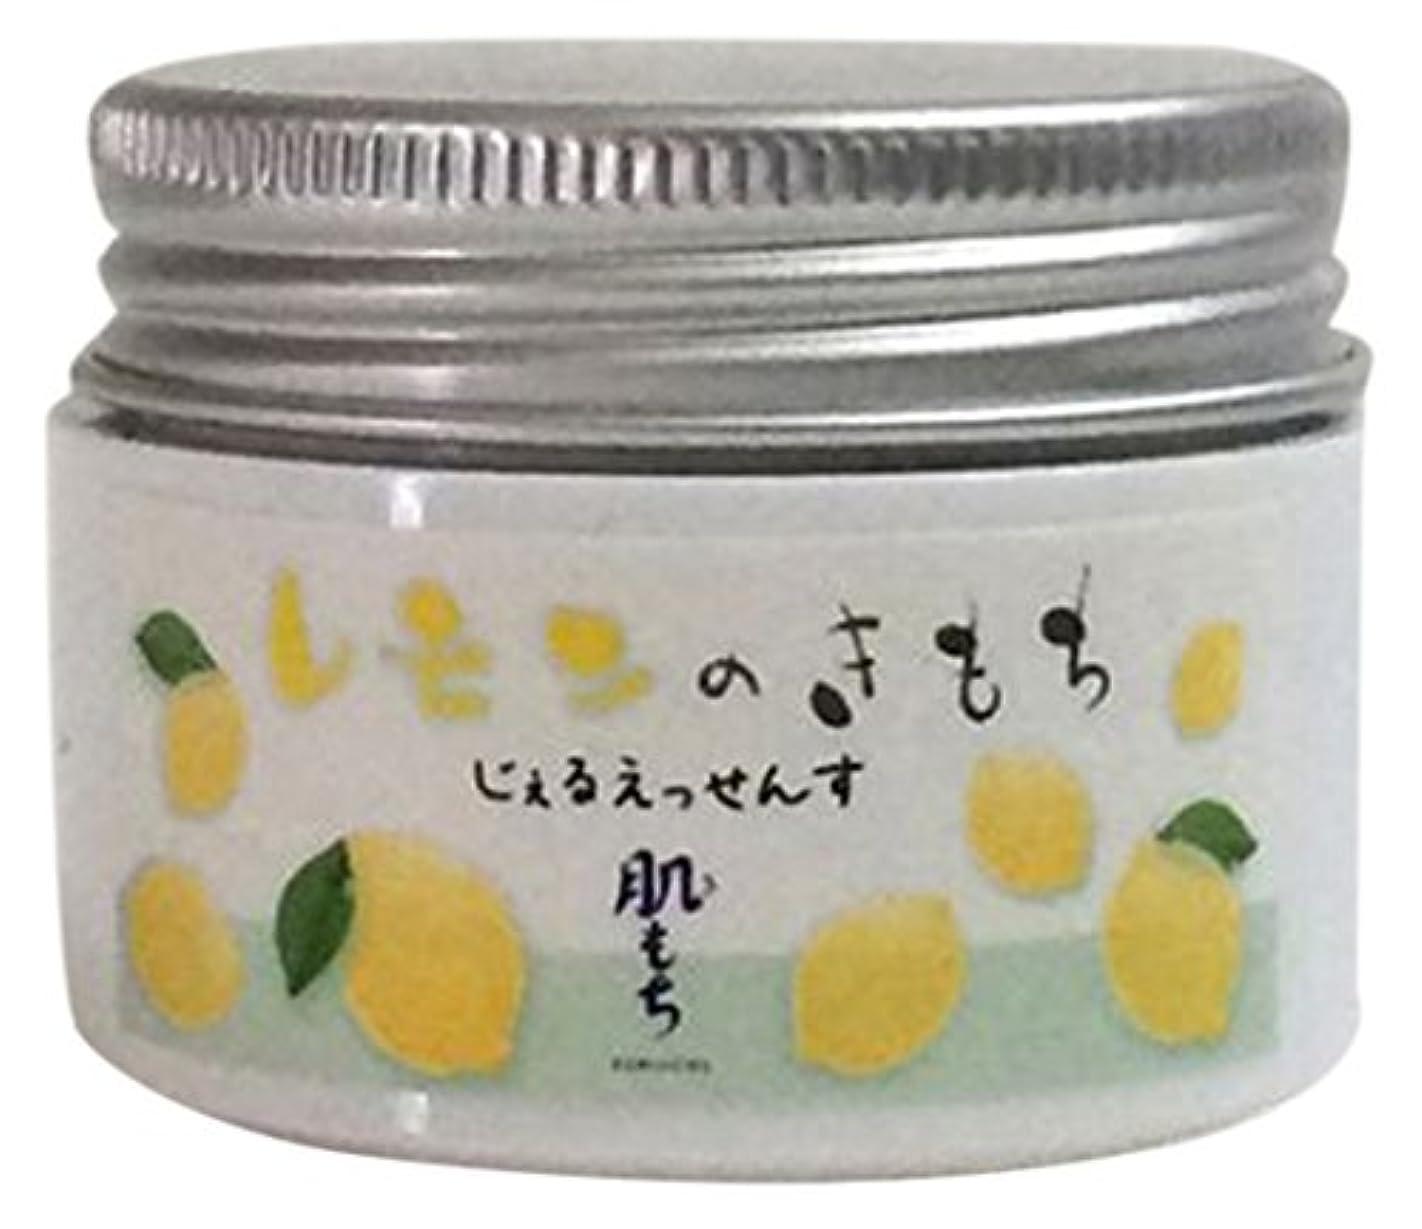 他の場所手足モニカ肌もち ジェルエッセンス(レモン) 50g